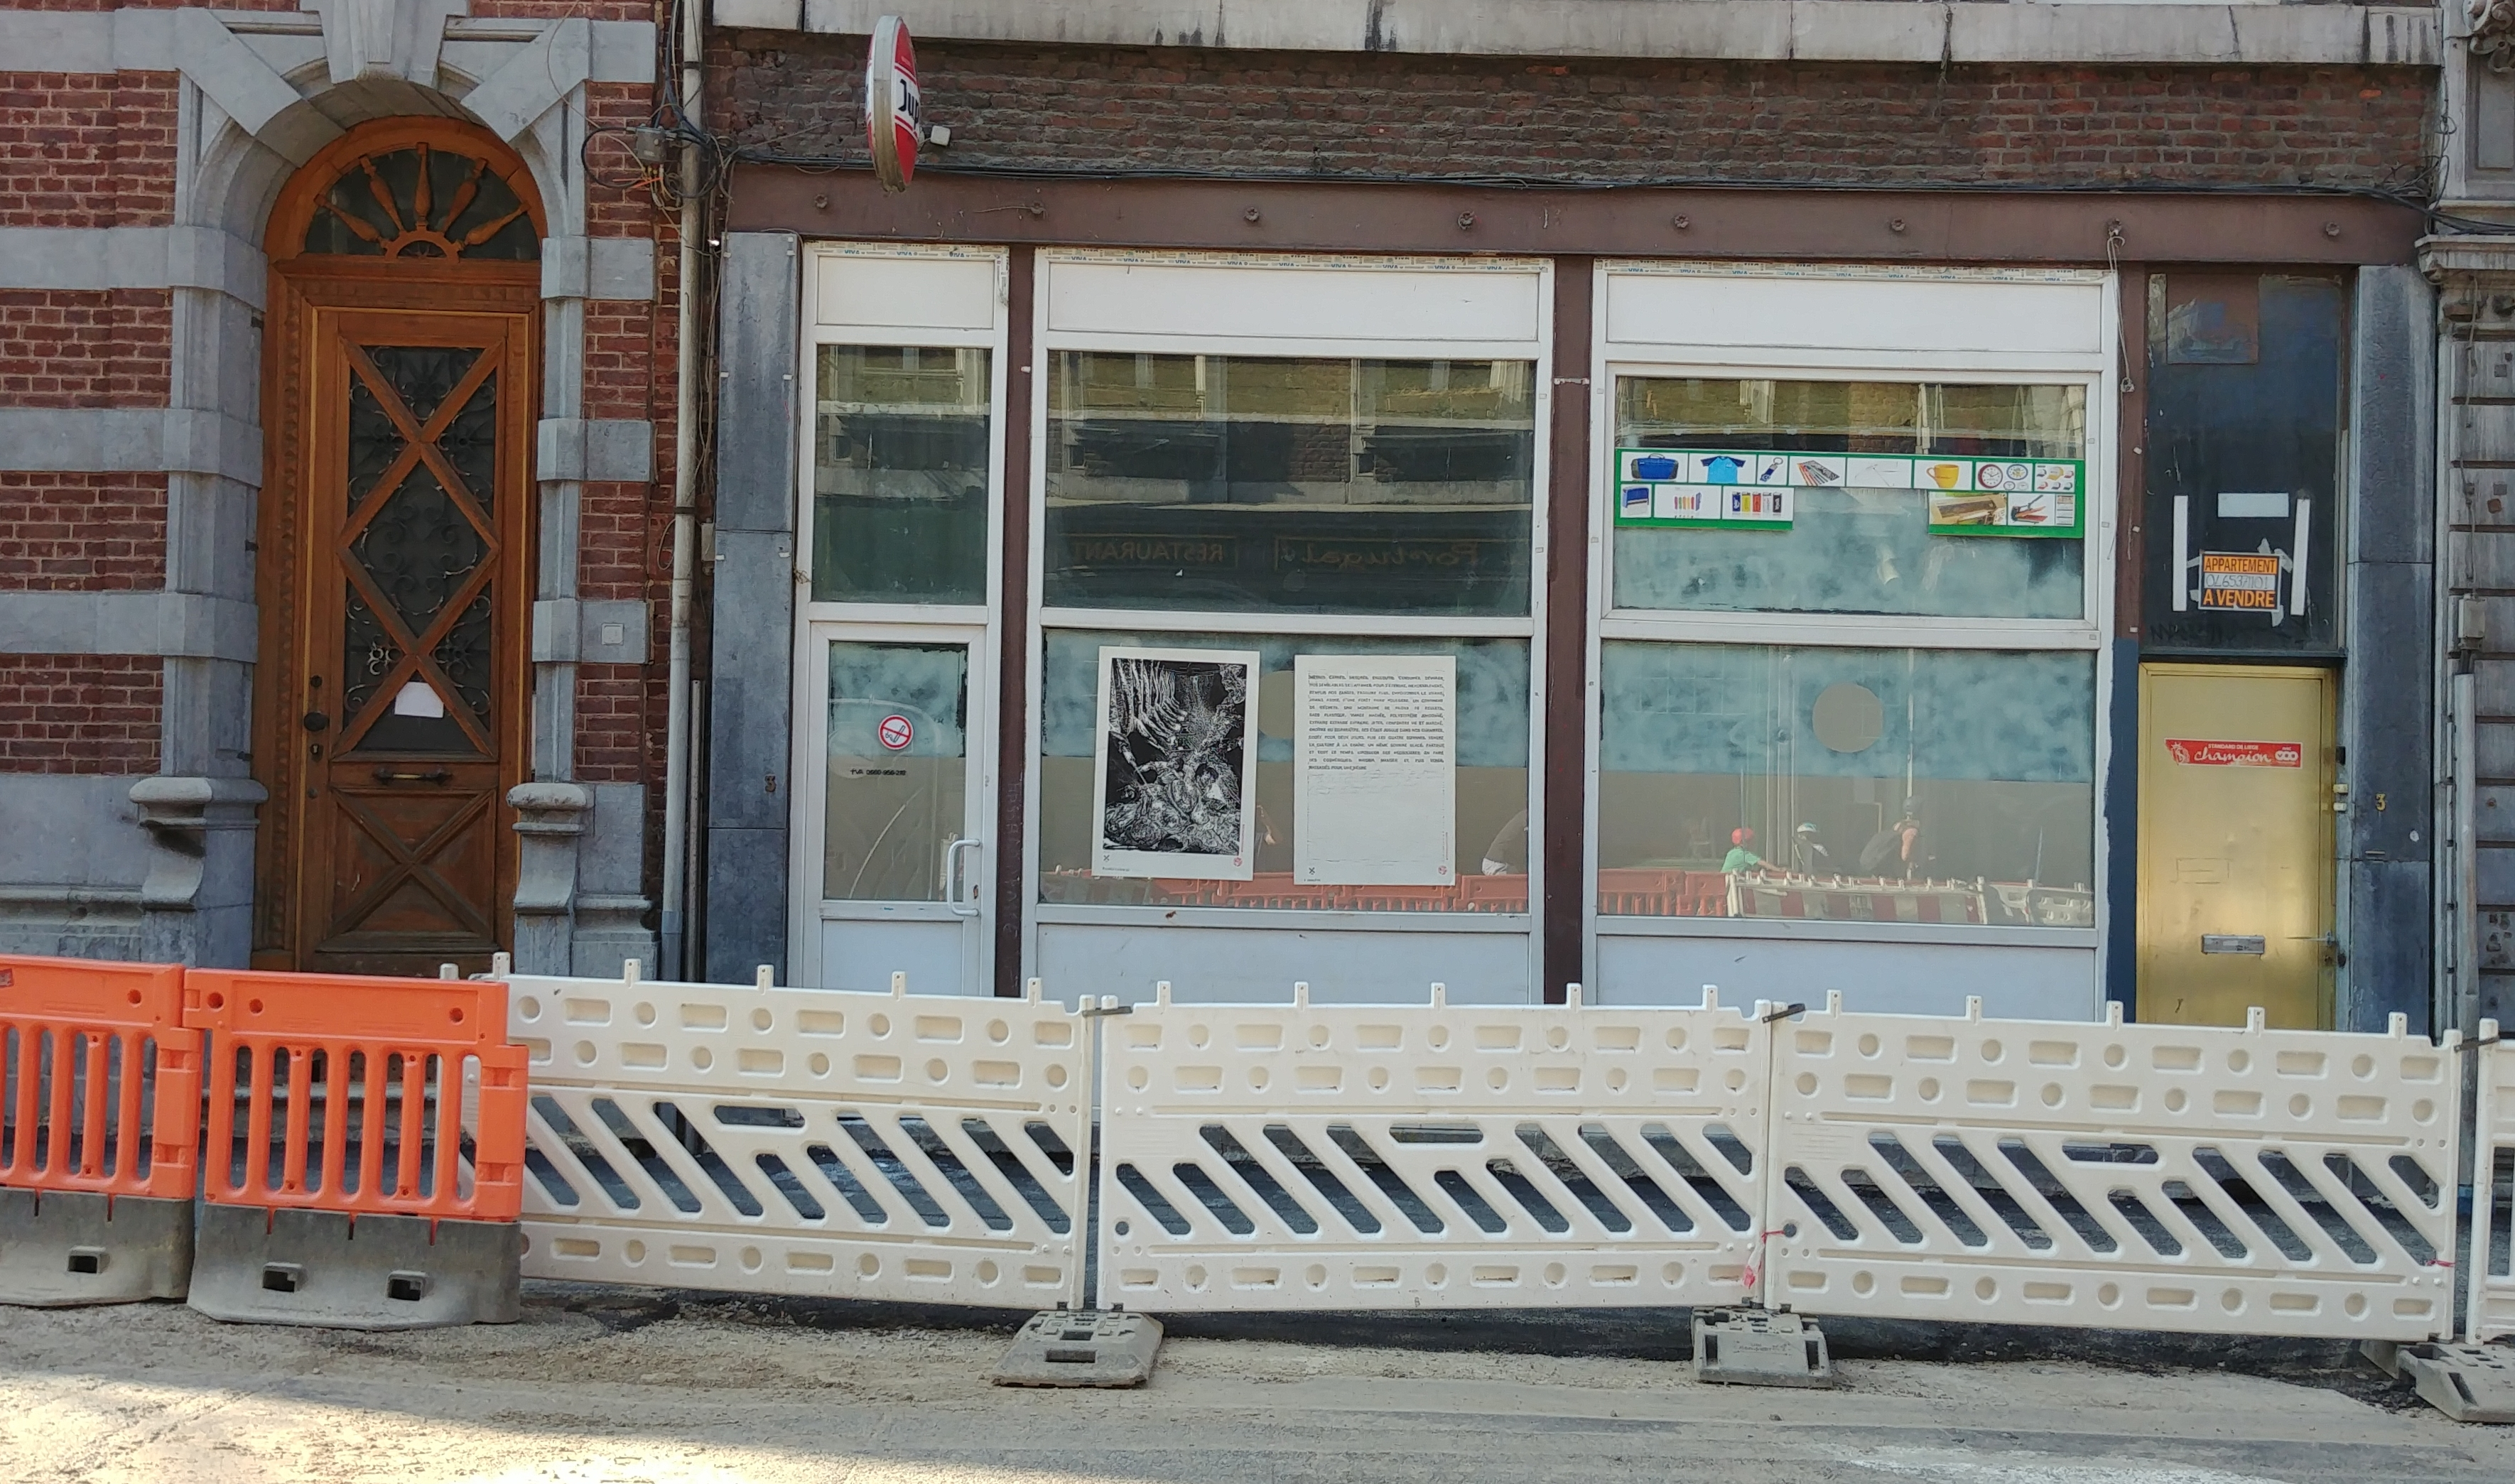 15_50, Gourmandise, rue de la cité 3